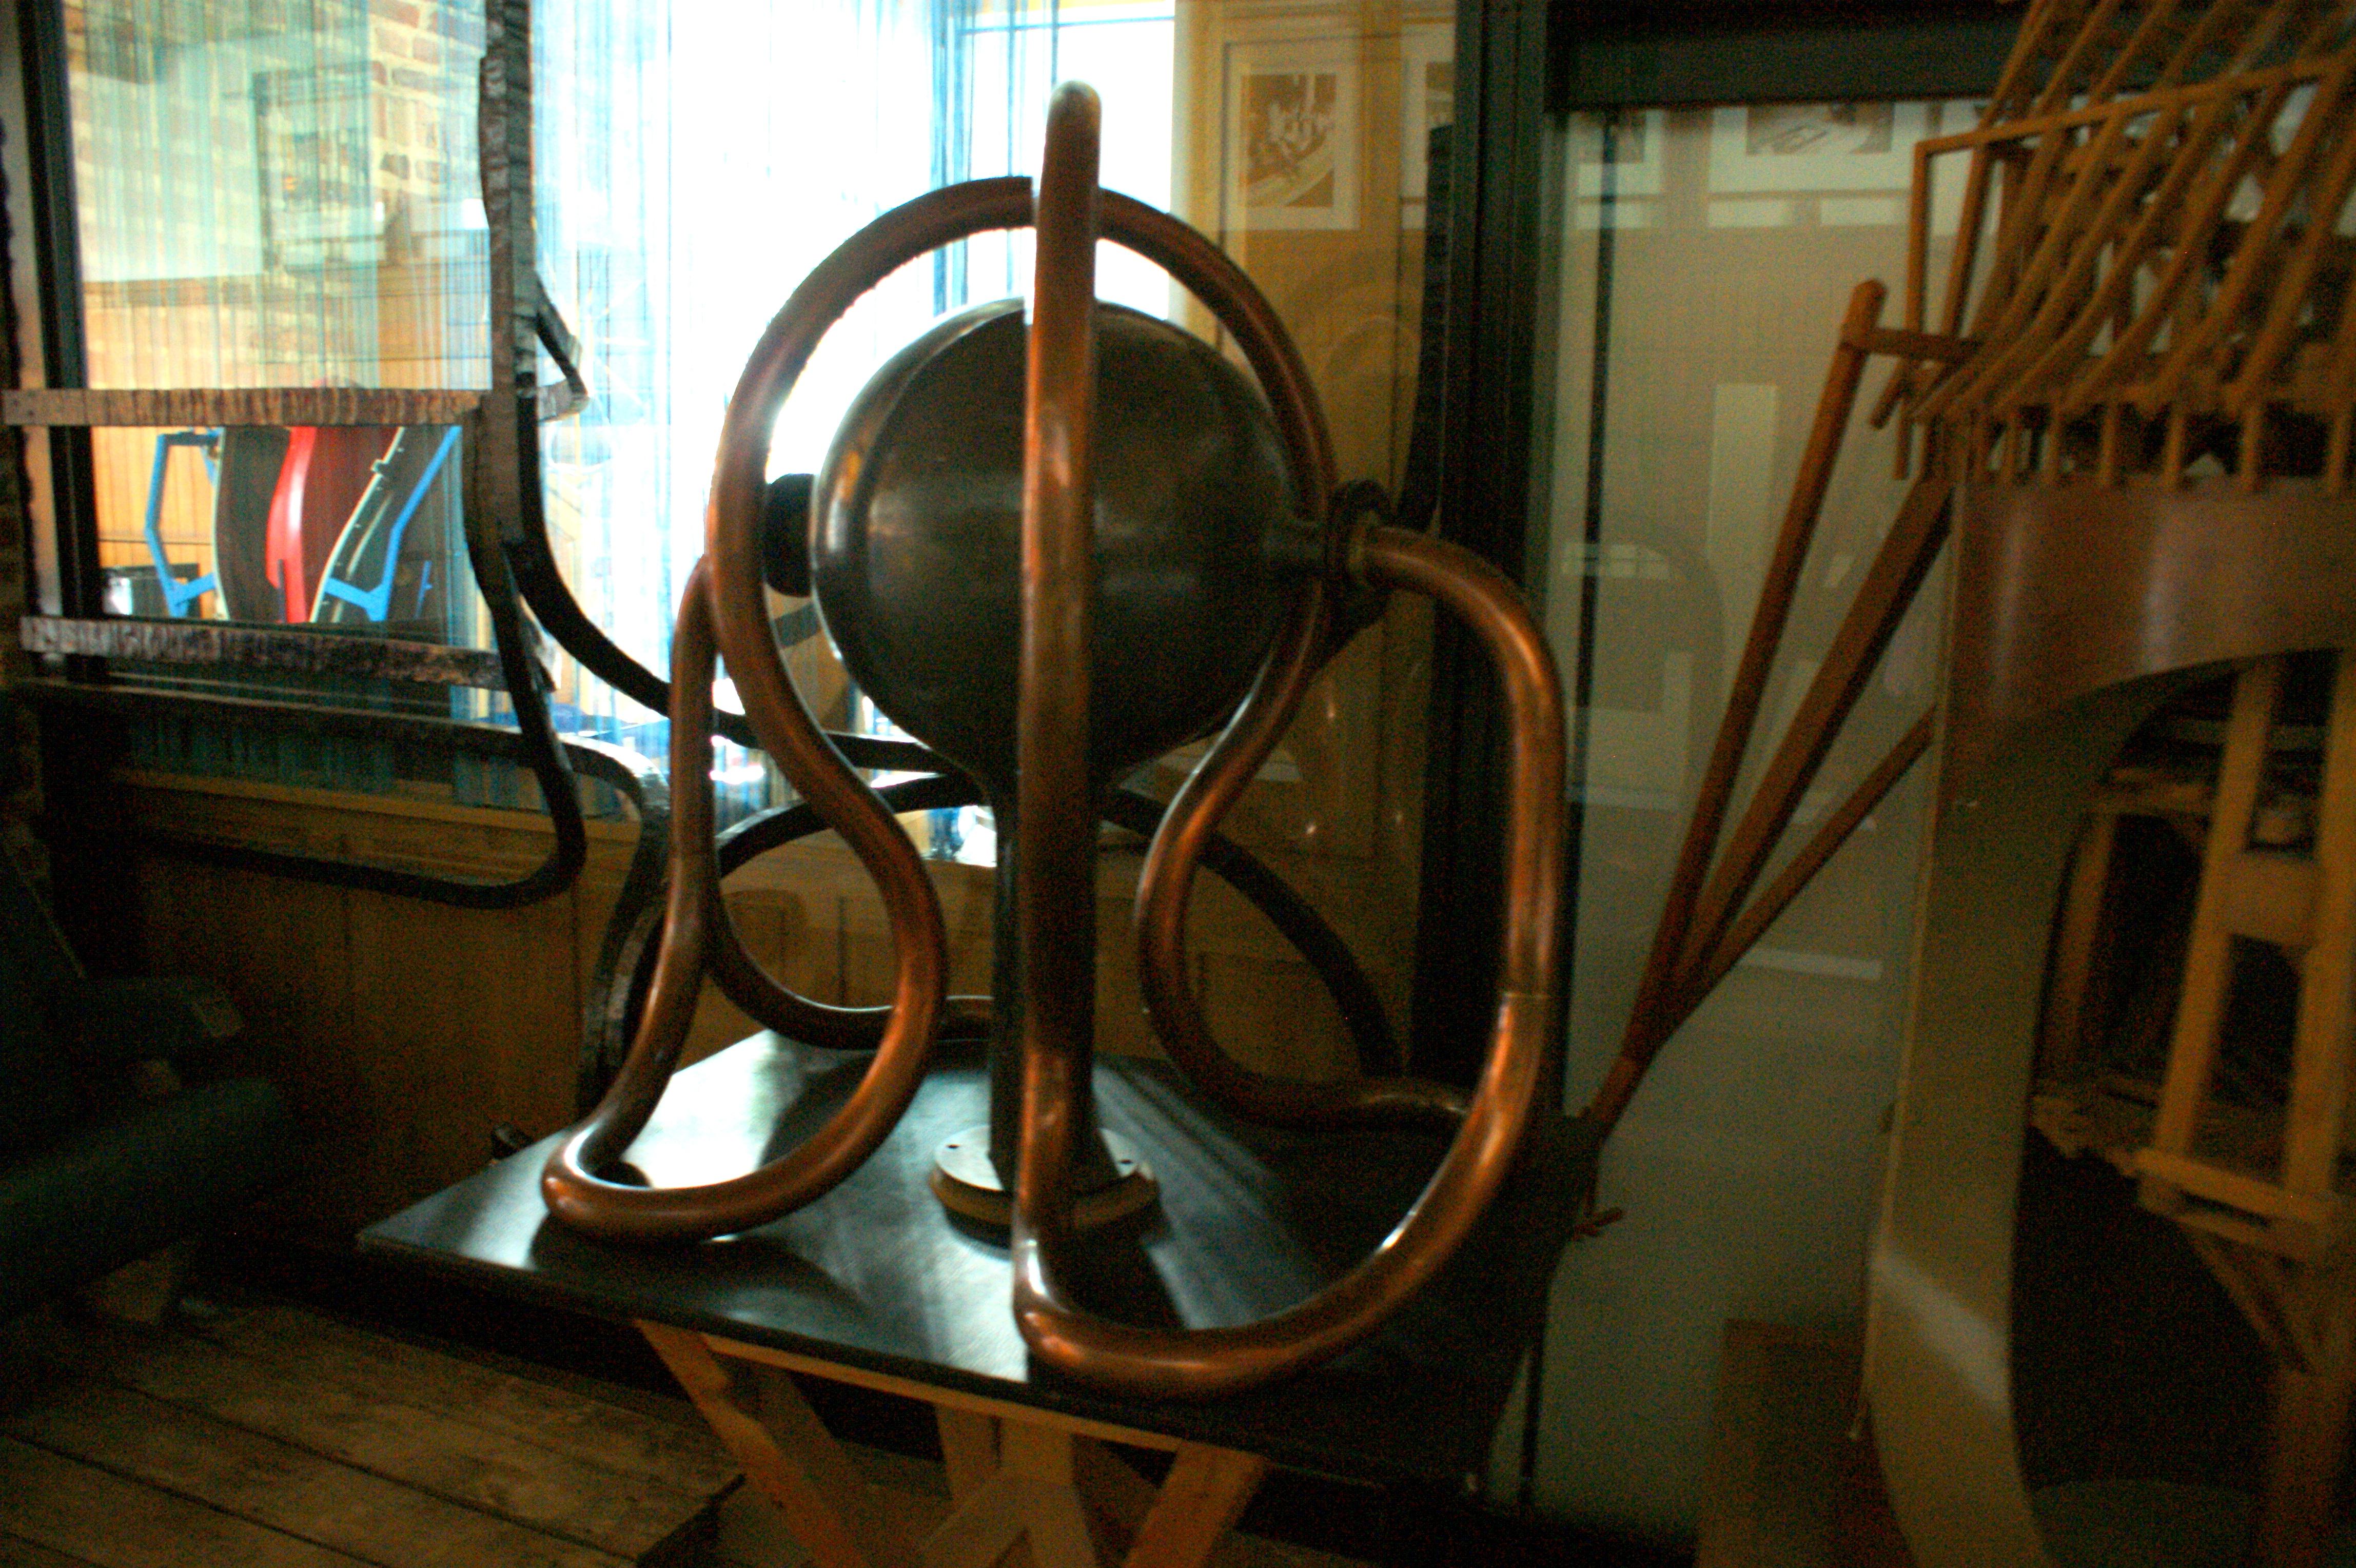 Formation Menuiserie D Art chef-d'œuvre (compagnonnage) — wikipédia